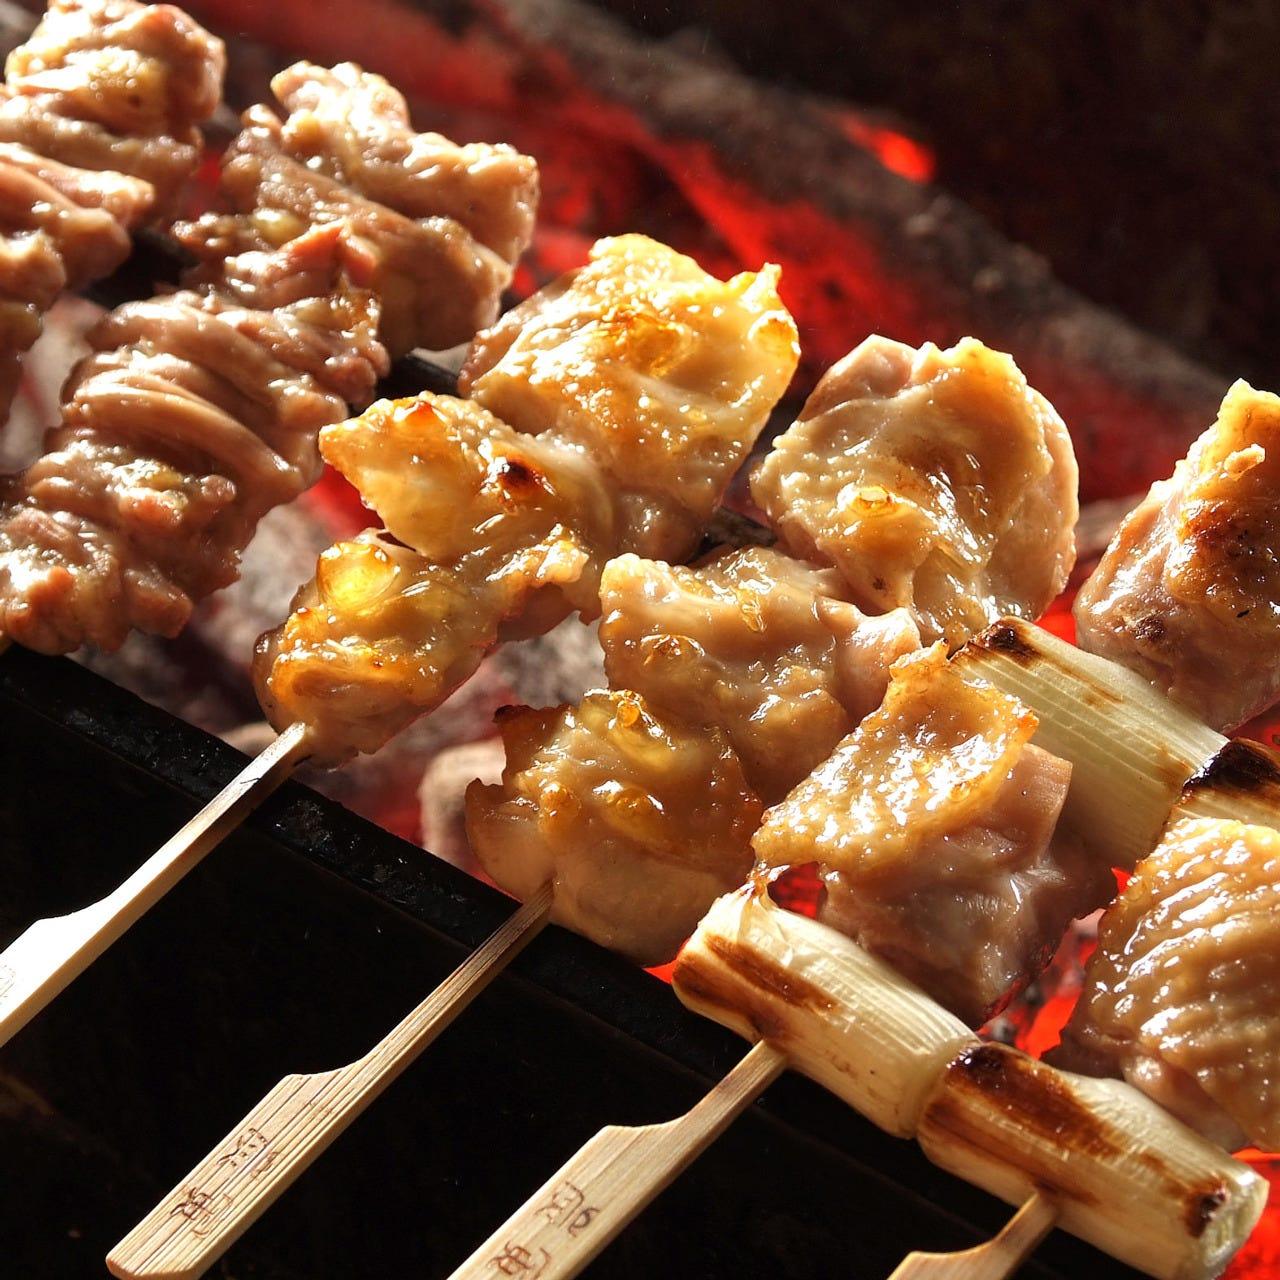 北部九州産、生産者直送の新鮮な「みつせ鶏」を使用。